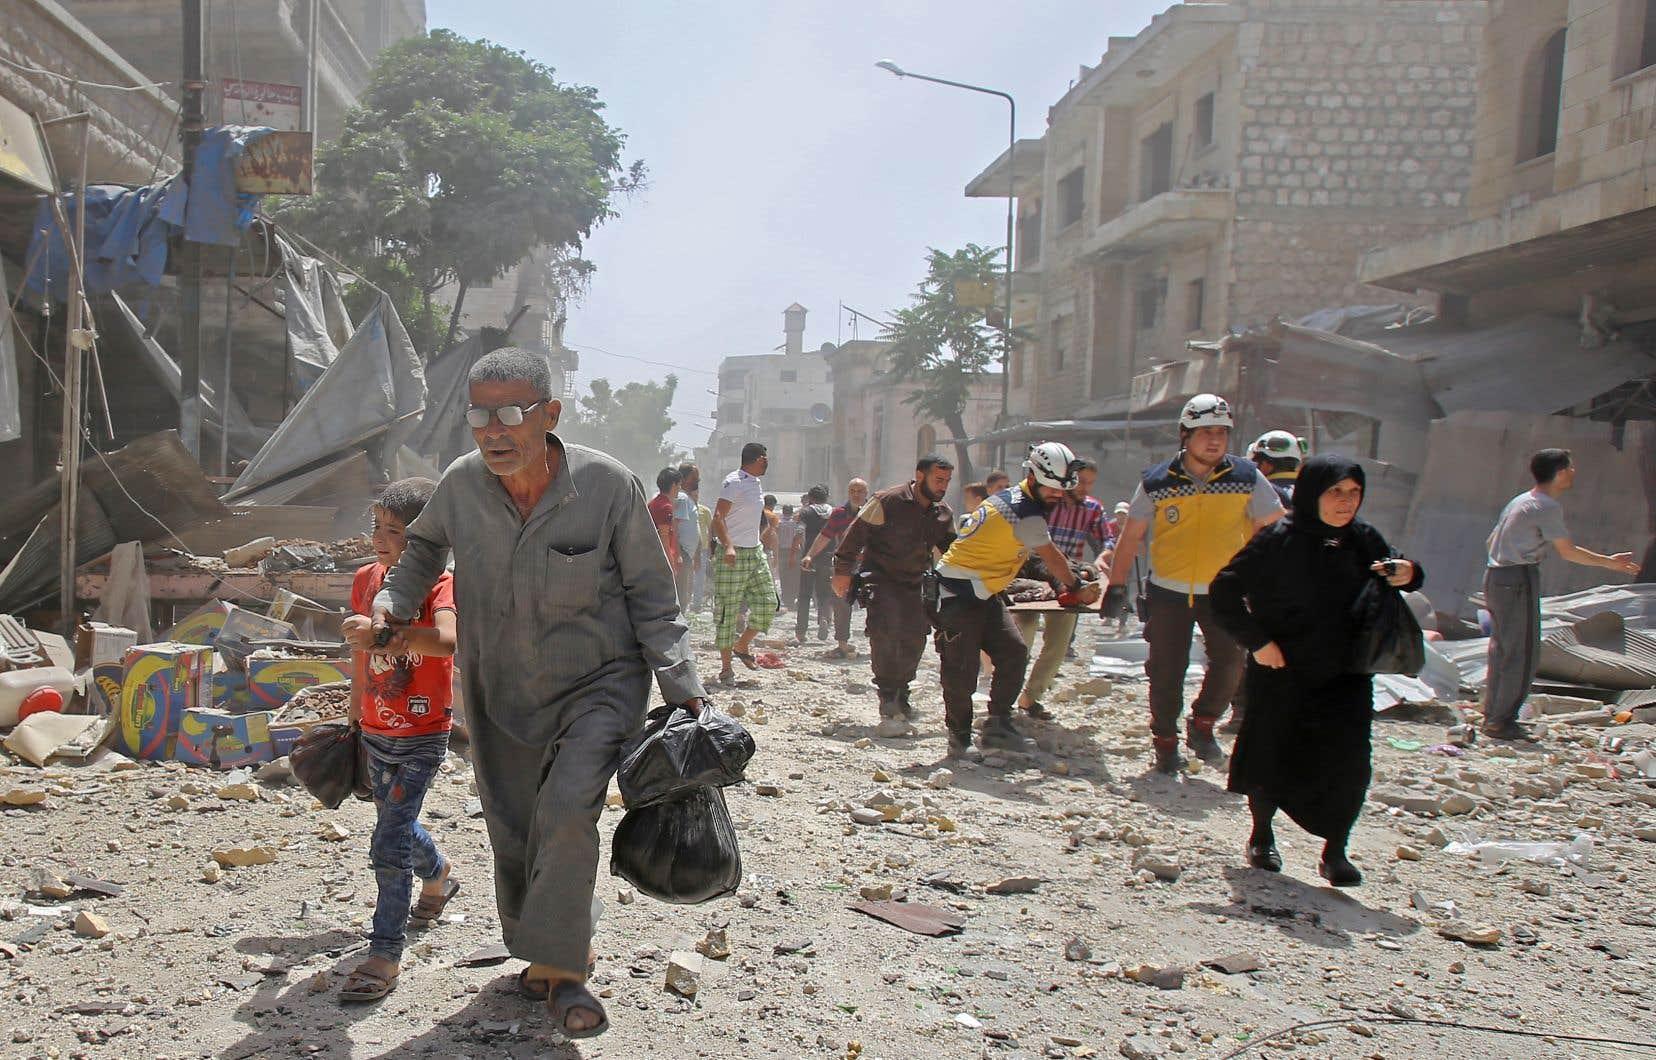 Au milieu des destructions, des Syriens ont fui les bombardements du régime contre Maaret al-Noomane alors que des secouristes transportent des blessés ou évacuent survivants ou victimes des décombres.